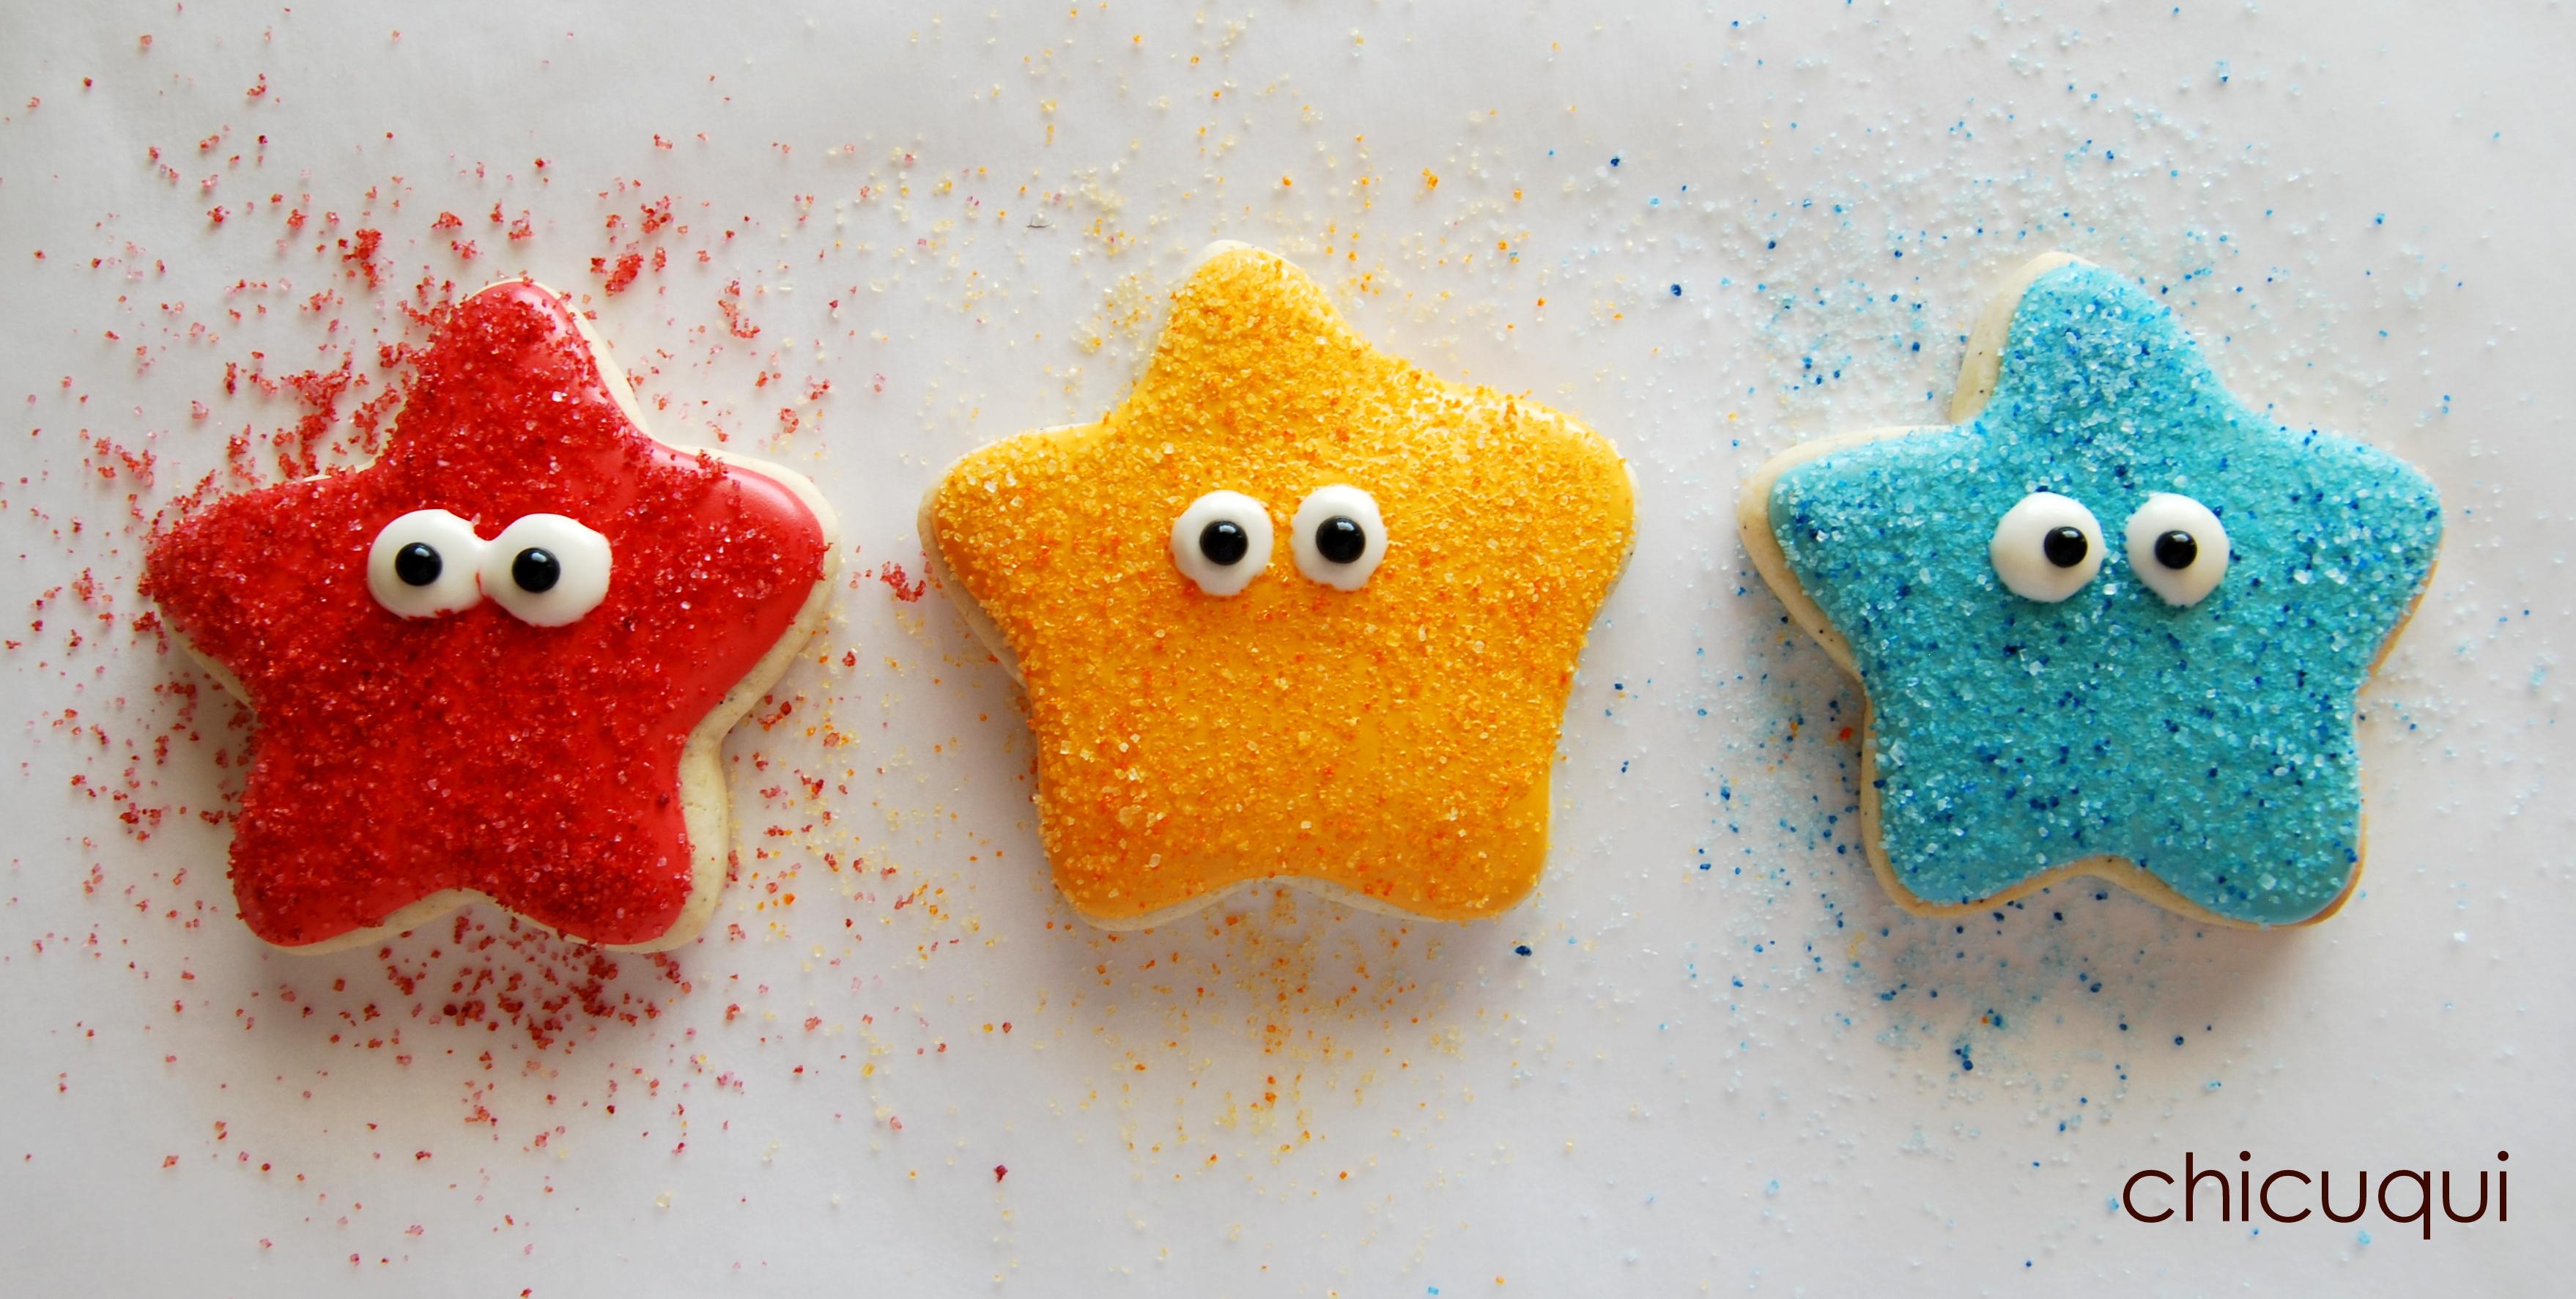 Estrellas de mar en galletas decoradas sin gluten chicuqui for Decoracion con estrellas